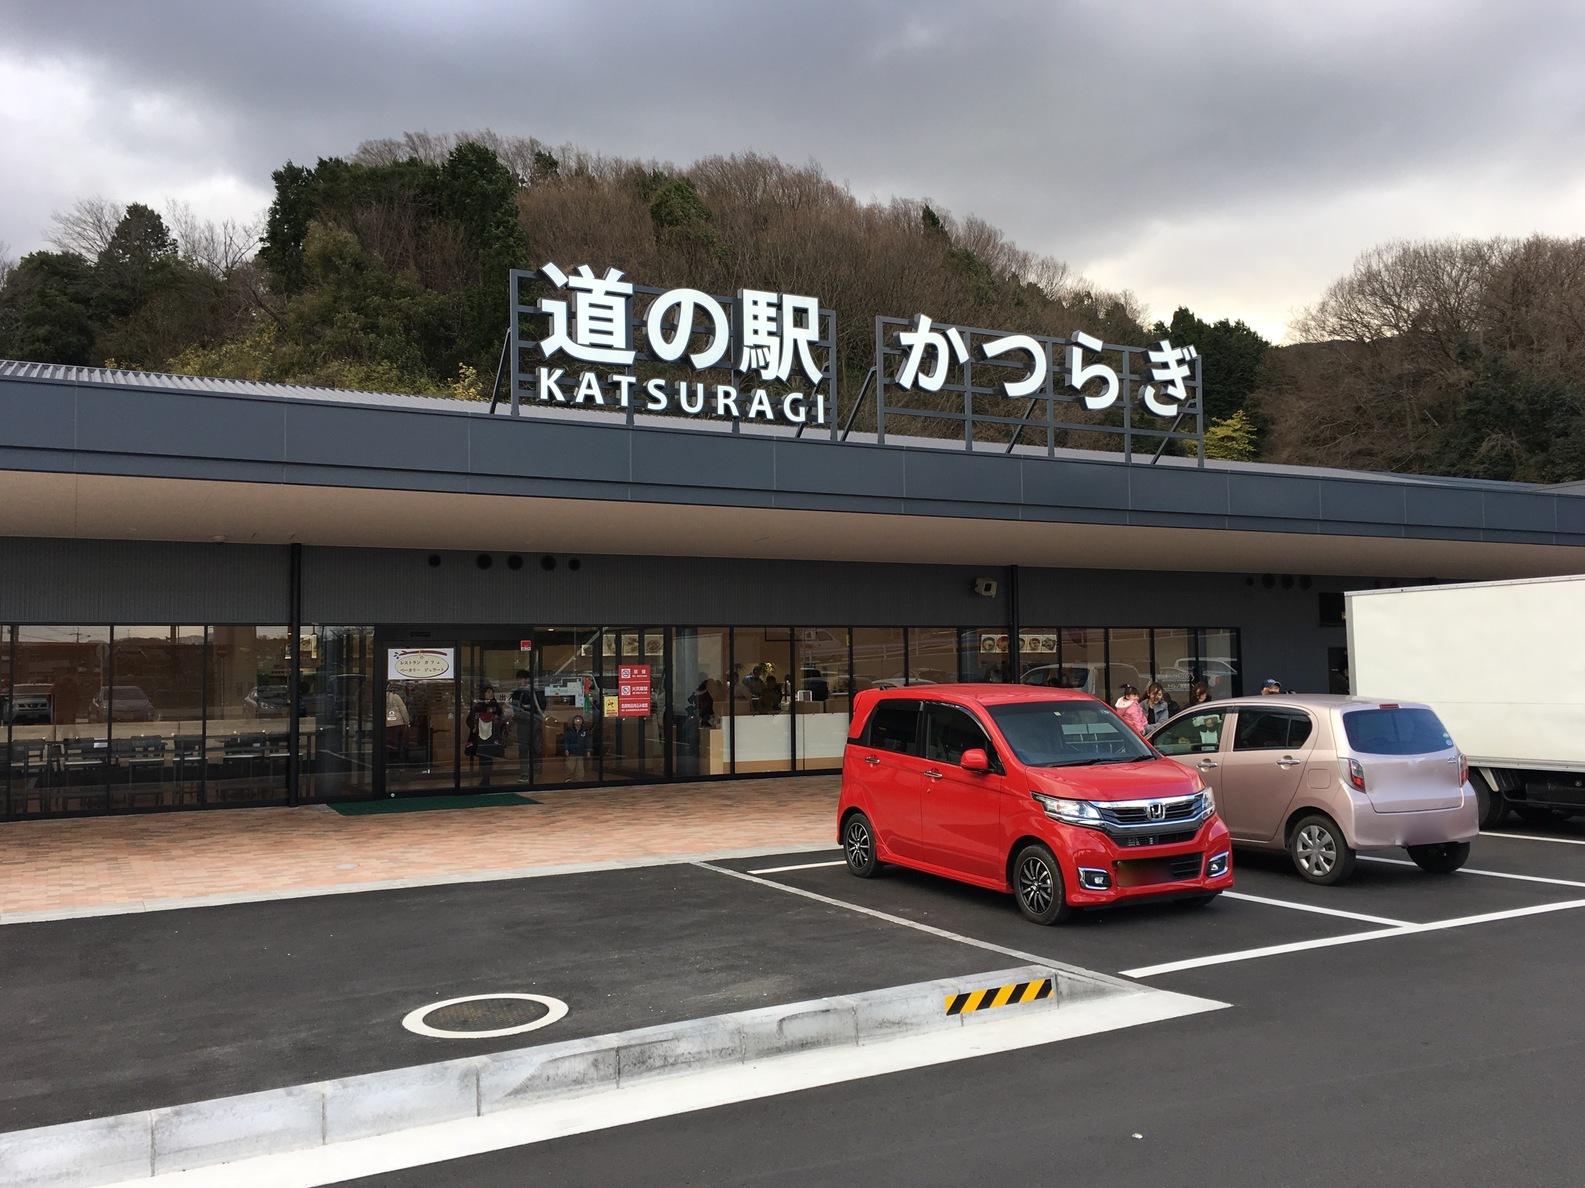 サントル・ドゥ・ヴィラージュ 道の駅かつらぎ店